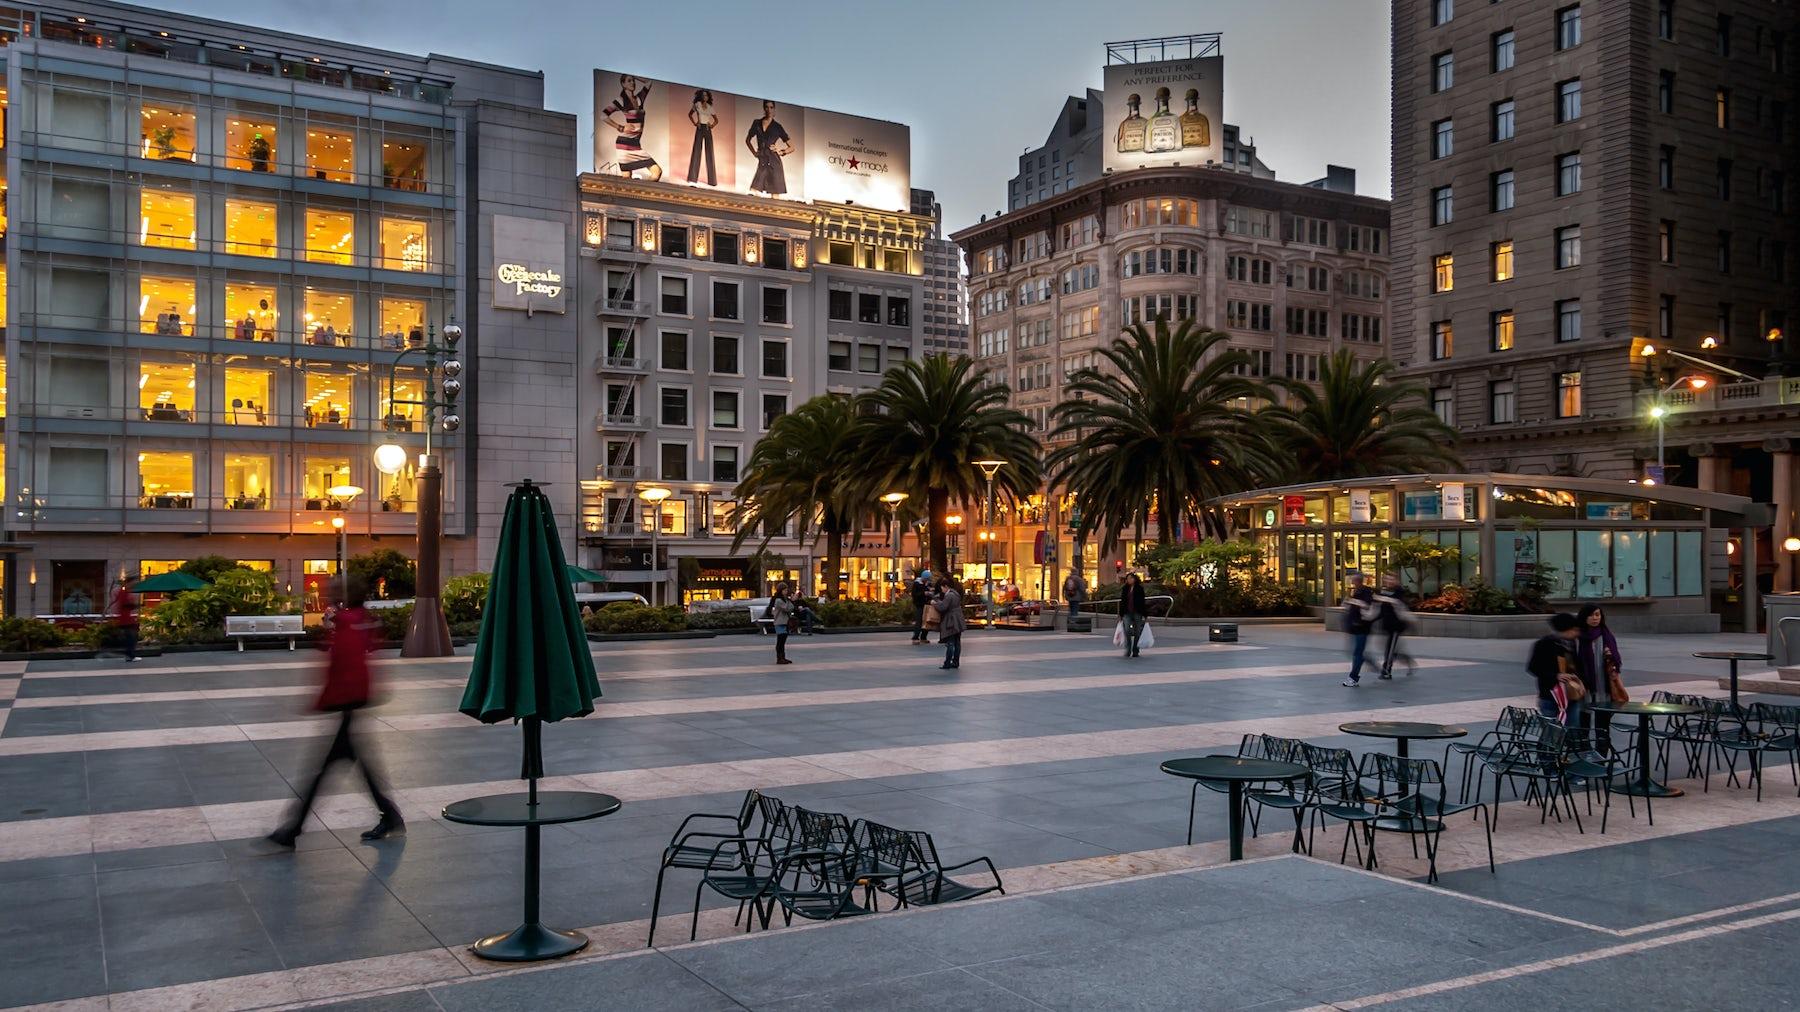 Union Square, San Francisco | Source: Shutterstock